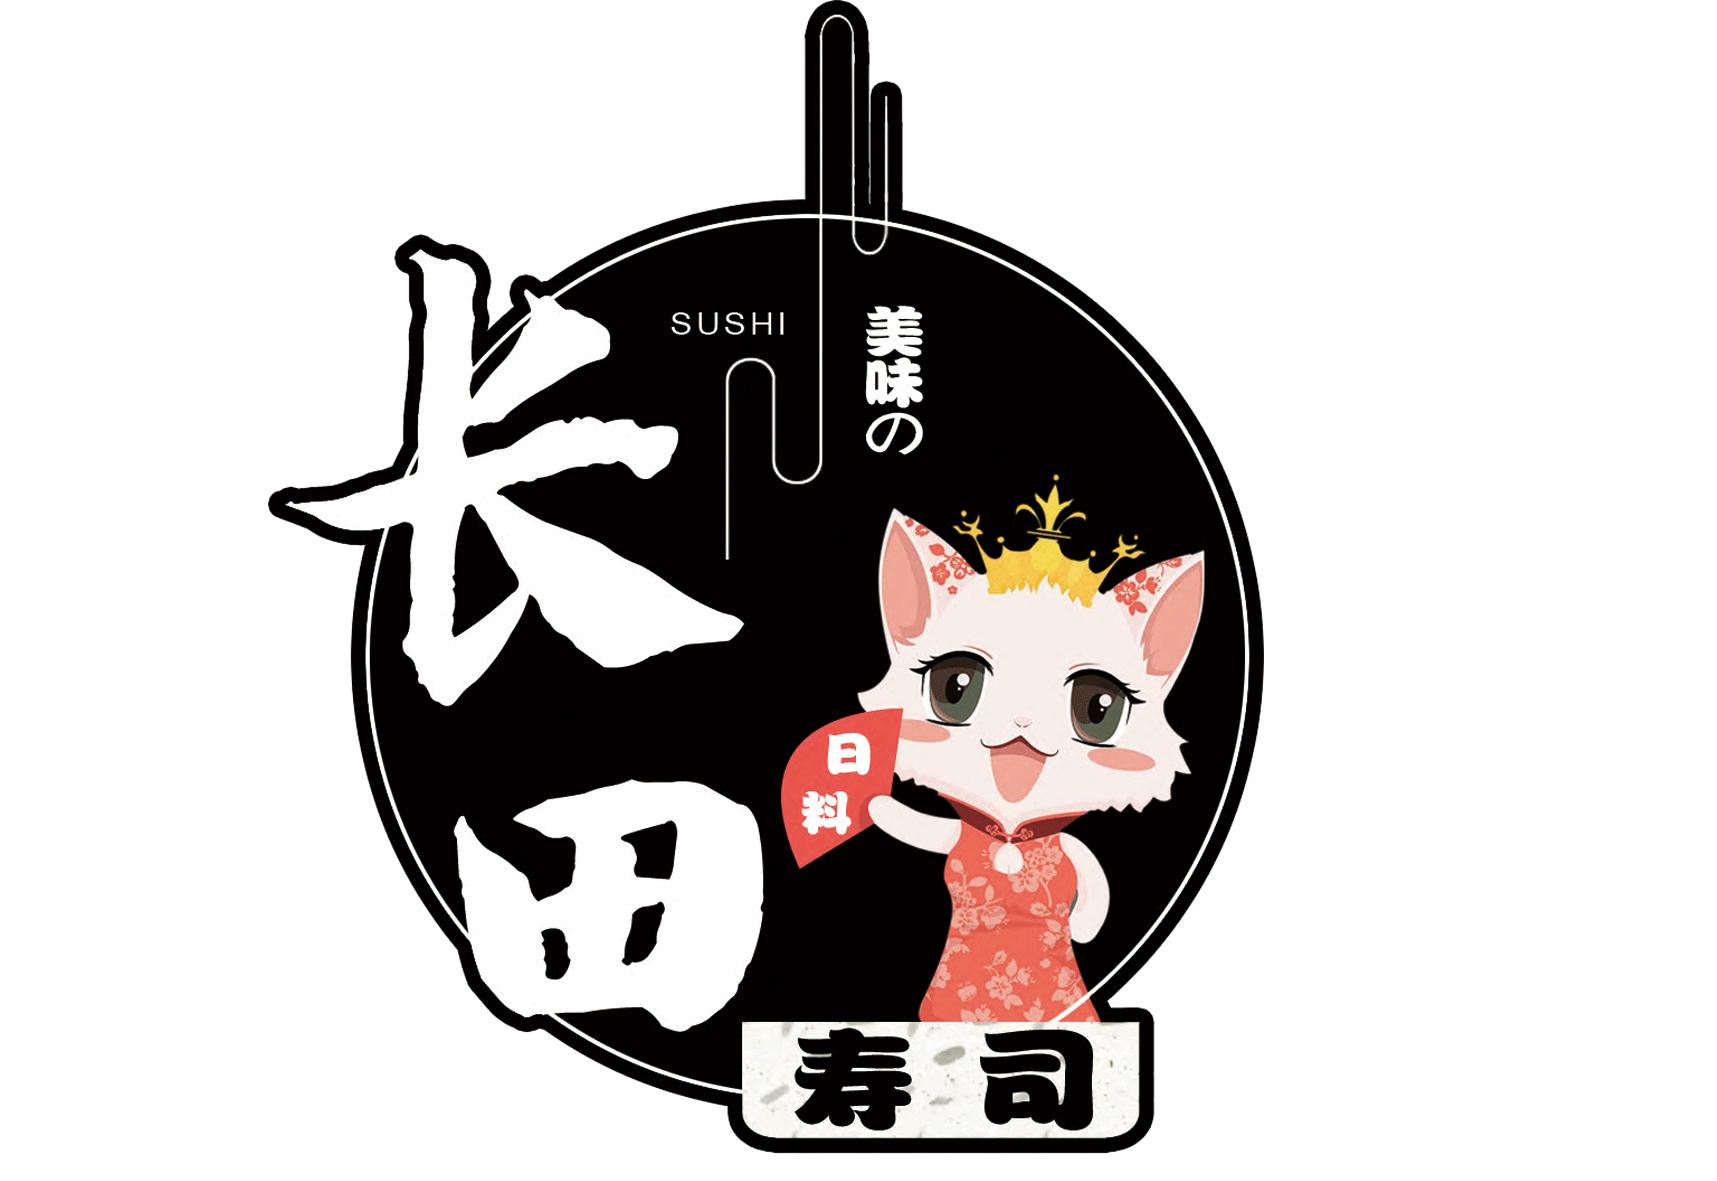 烟台长田餐饮管理有限公司